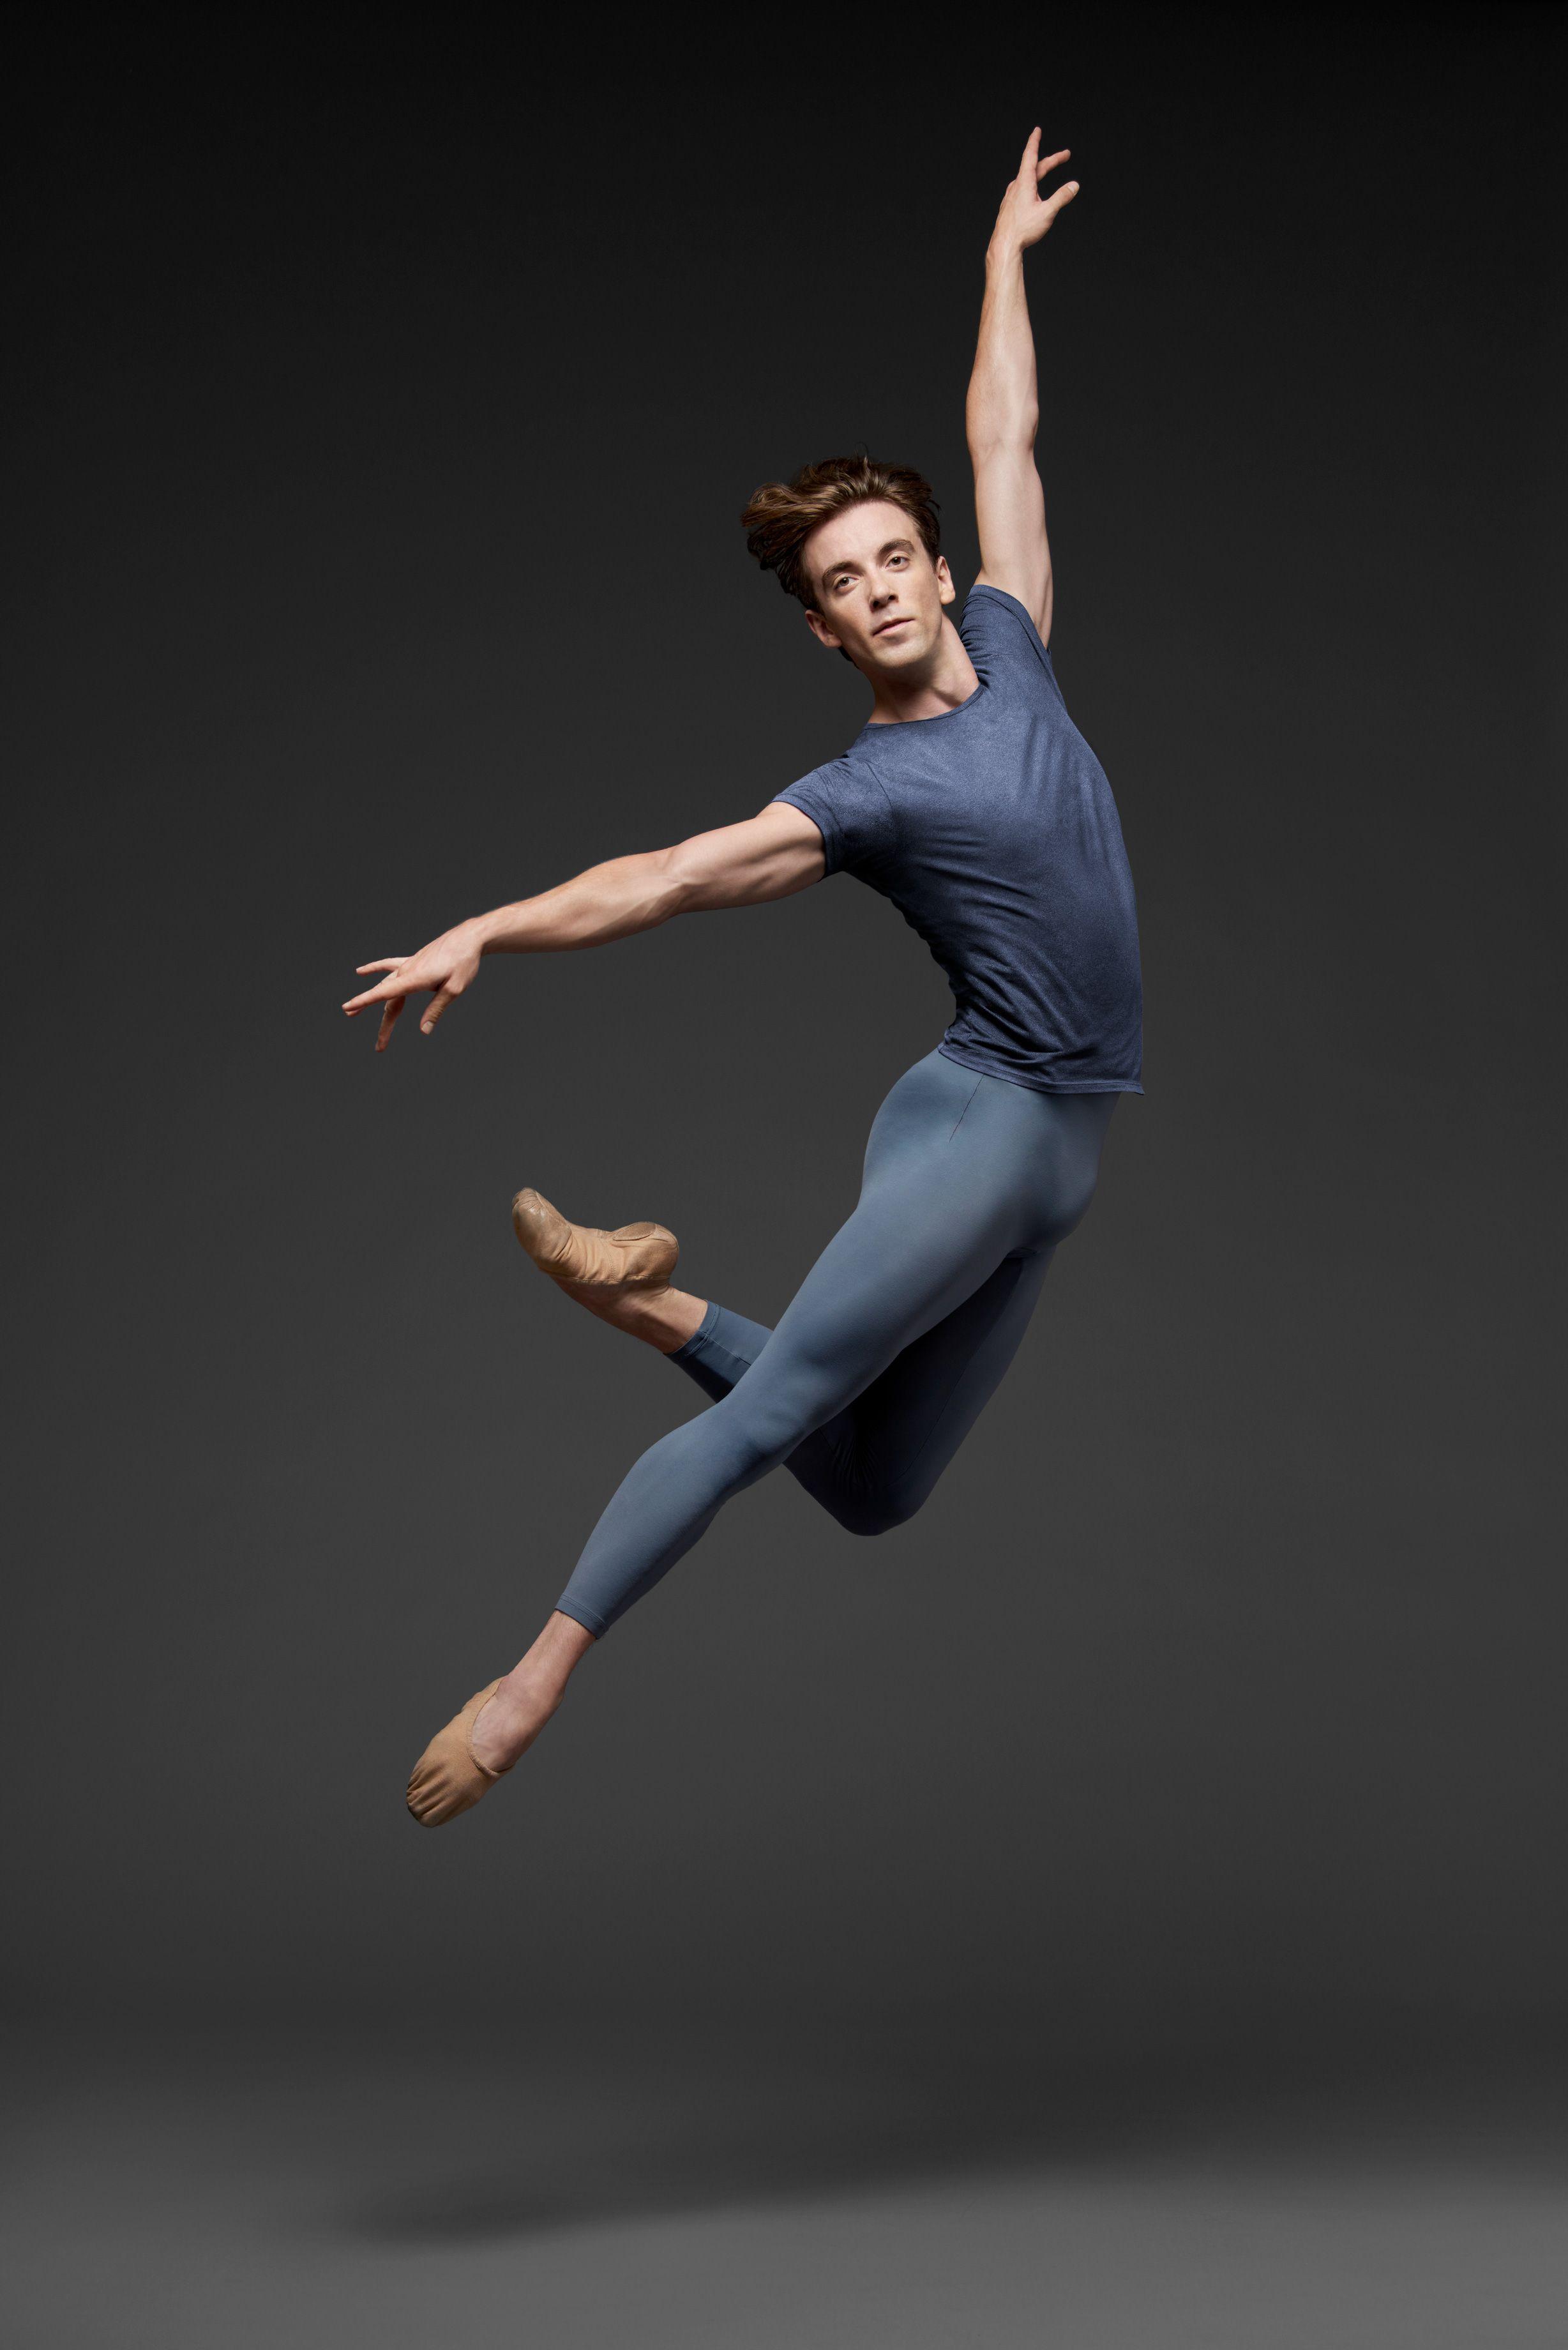 Ulrik Birkkjaer (© Erik Tomasson)   Male ballet dancers, Dance photography  poses, Ballet dancers